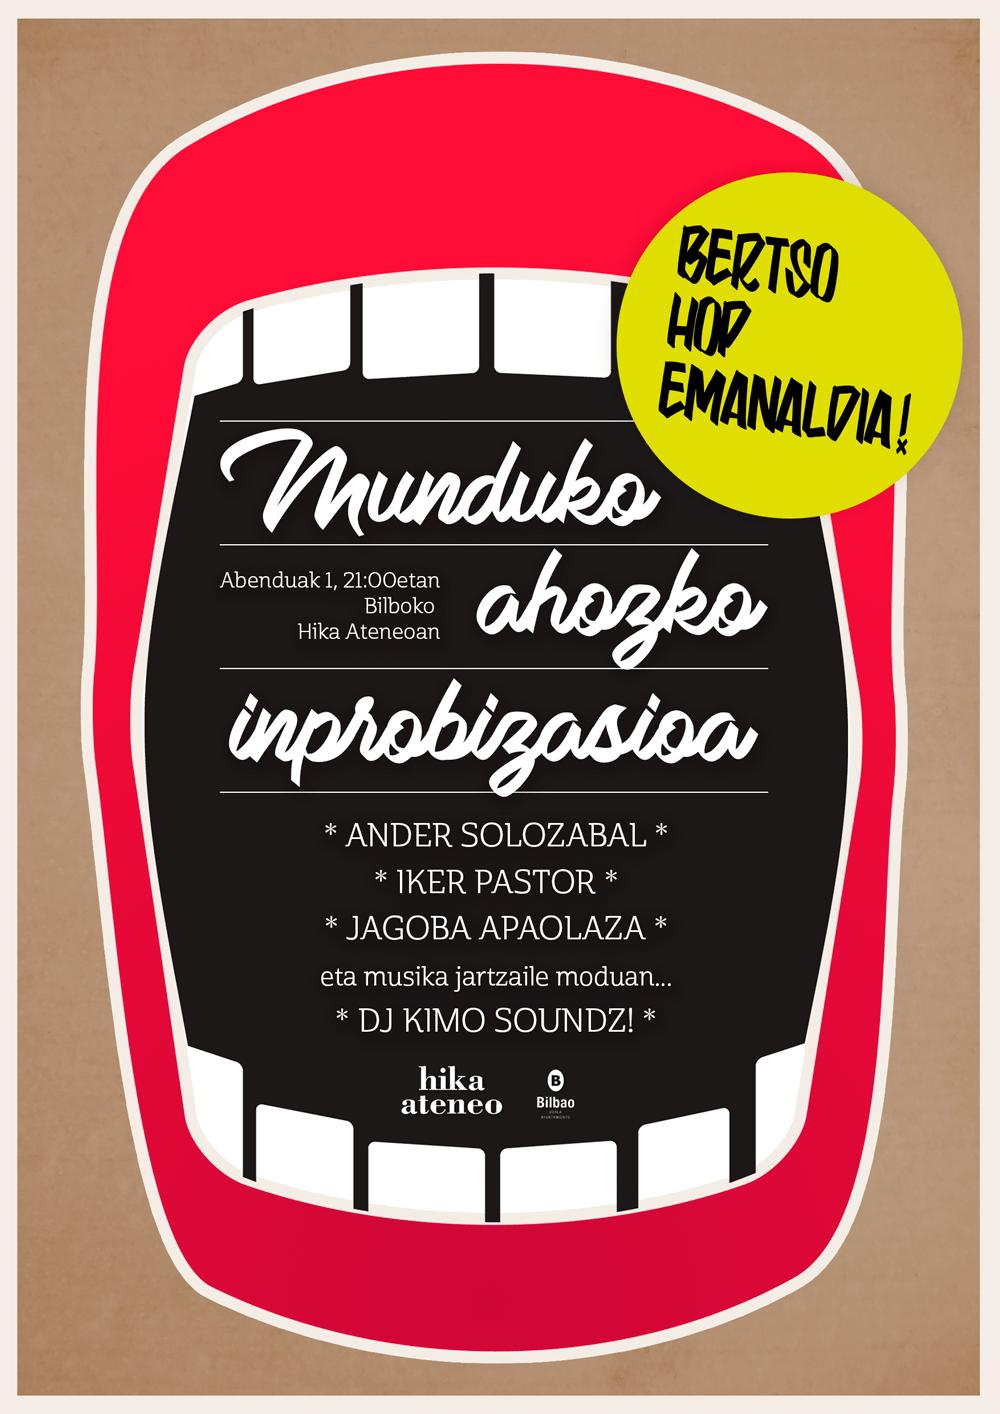 Munduko Ahozko Inprobisazioa 2016 Bertso Hop Emanaldia